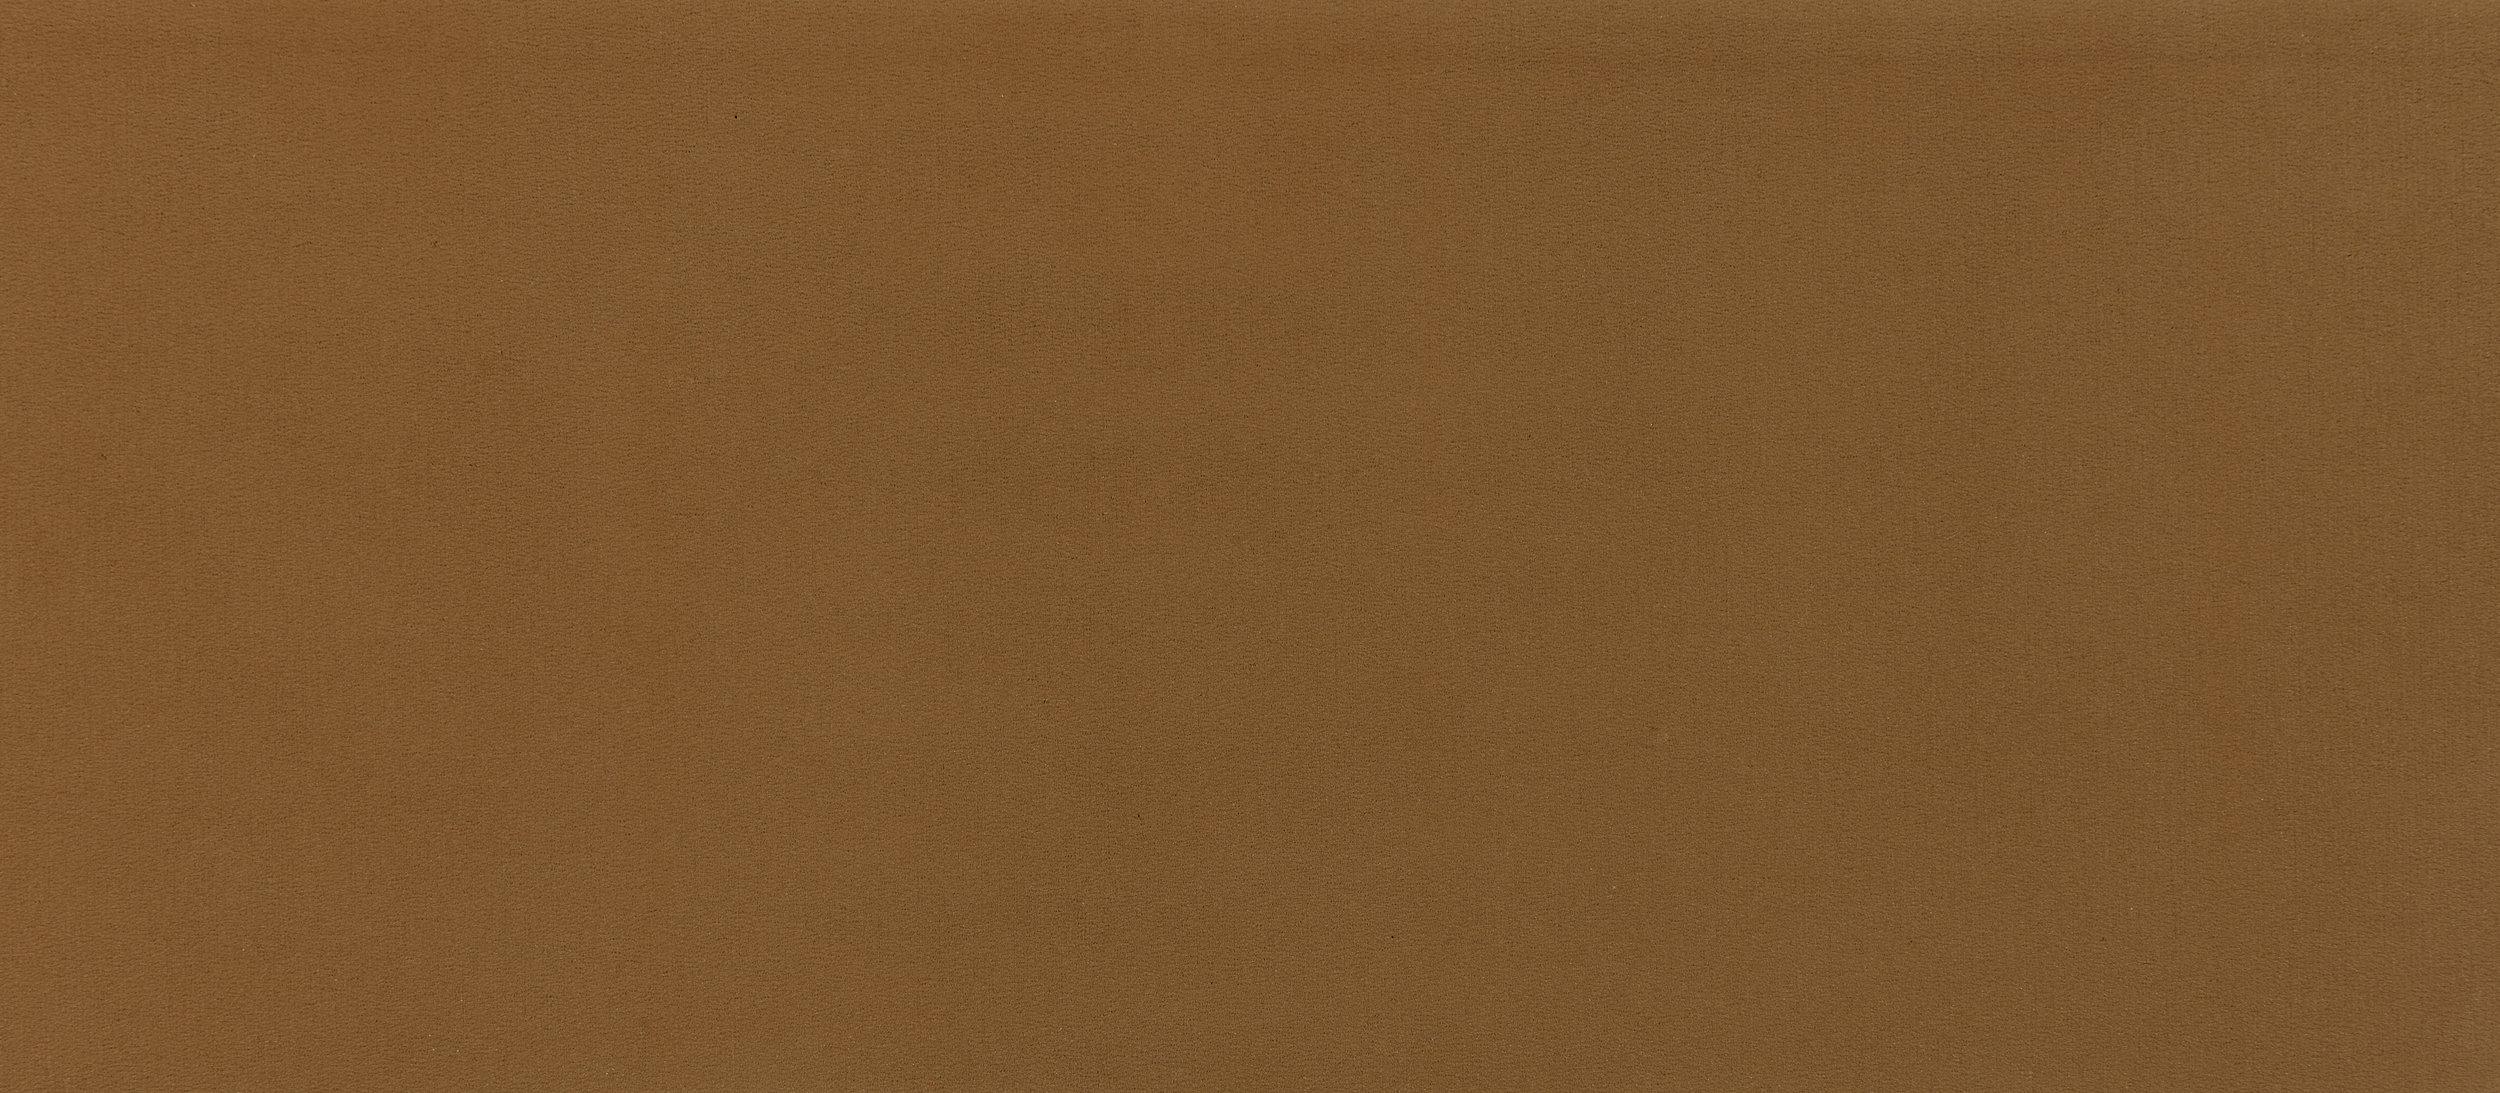 BE19_med brown.jpg